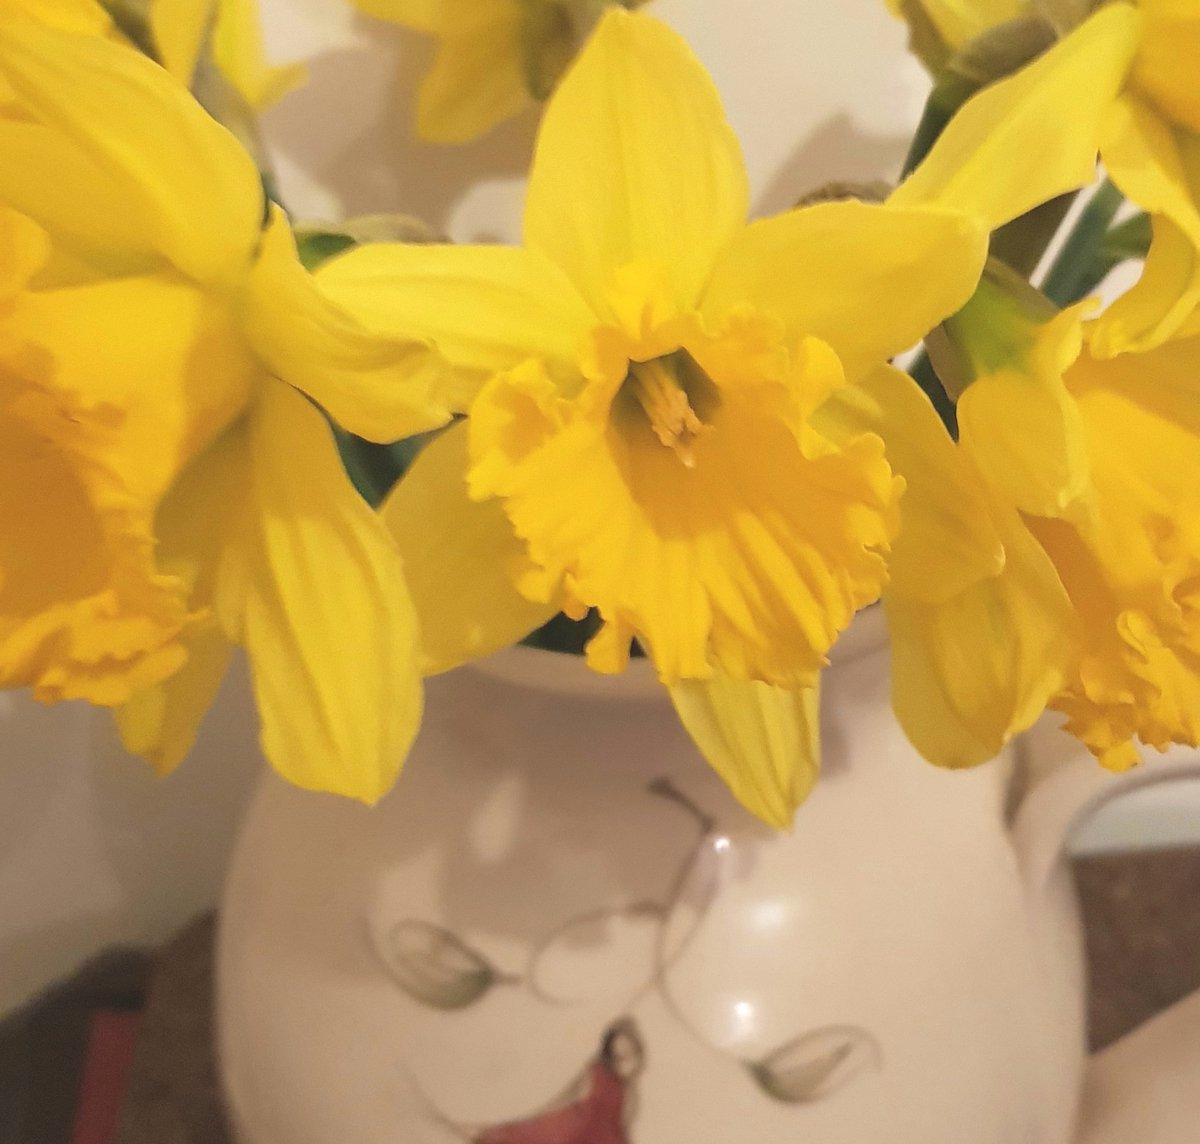 Lá Lus an Chrom Cinn inniú, 22 Márta. Nach deas iad na hainmneacha Gaeilge ar bhláthanna. Flowers have terrific names in Irish!